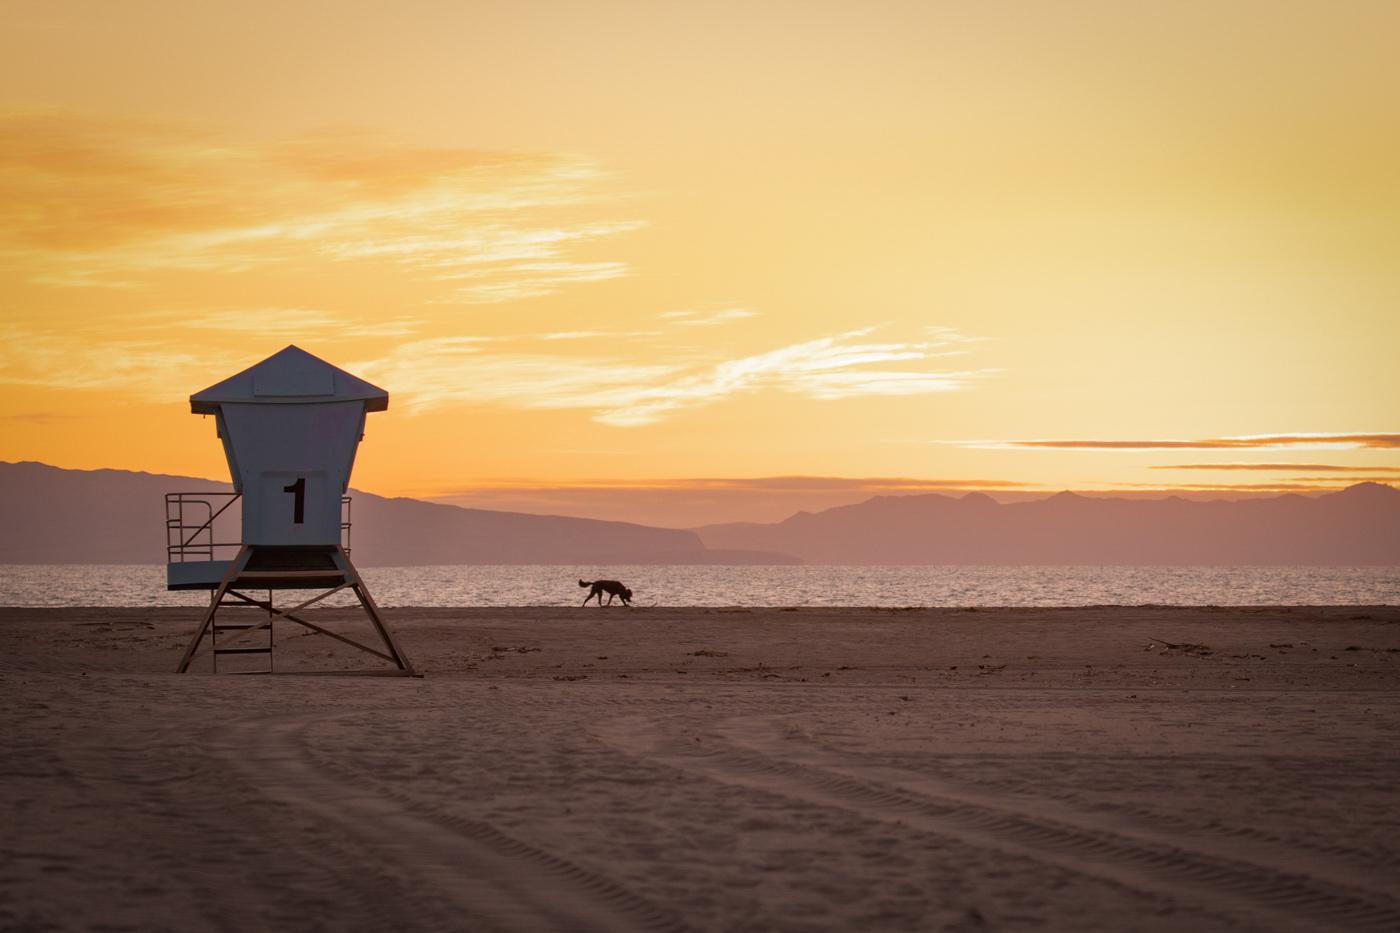 31Terry_Miranda_2_Lifeguard_Tower_at_Sunset